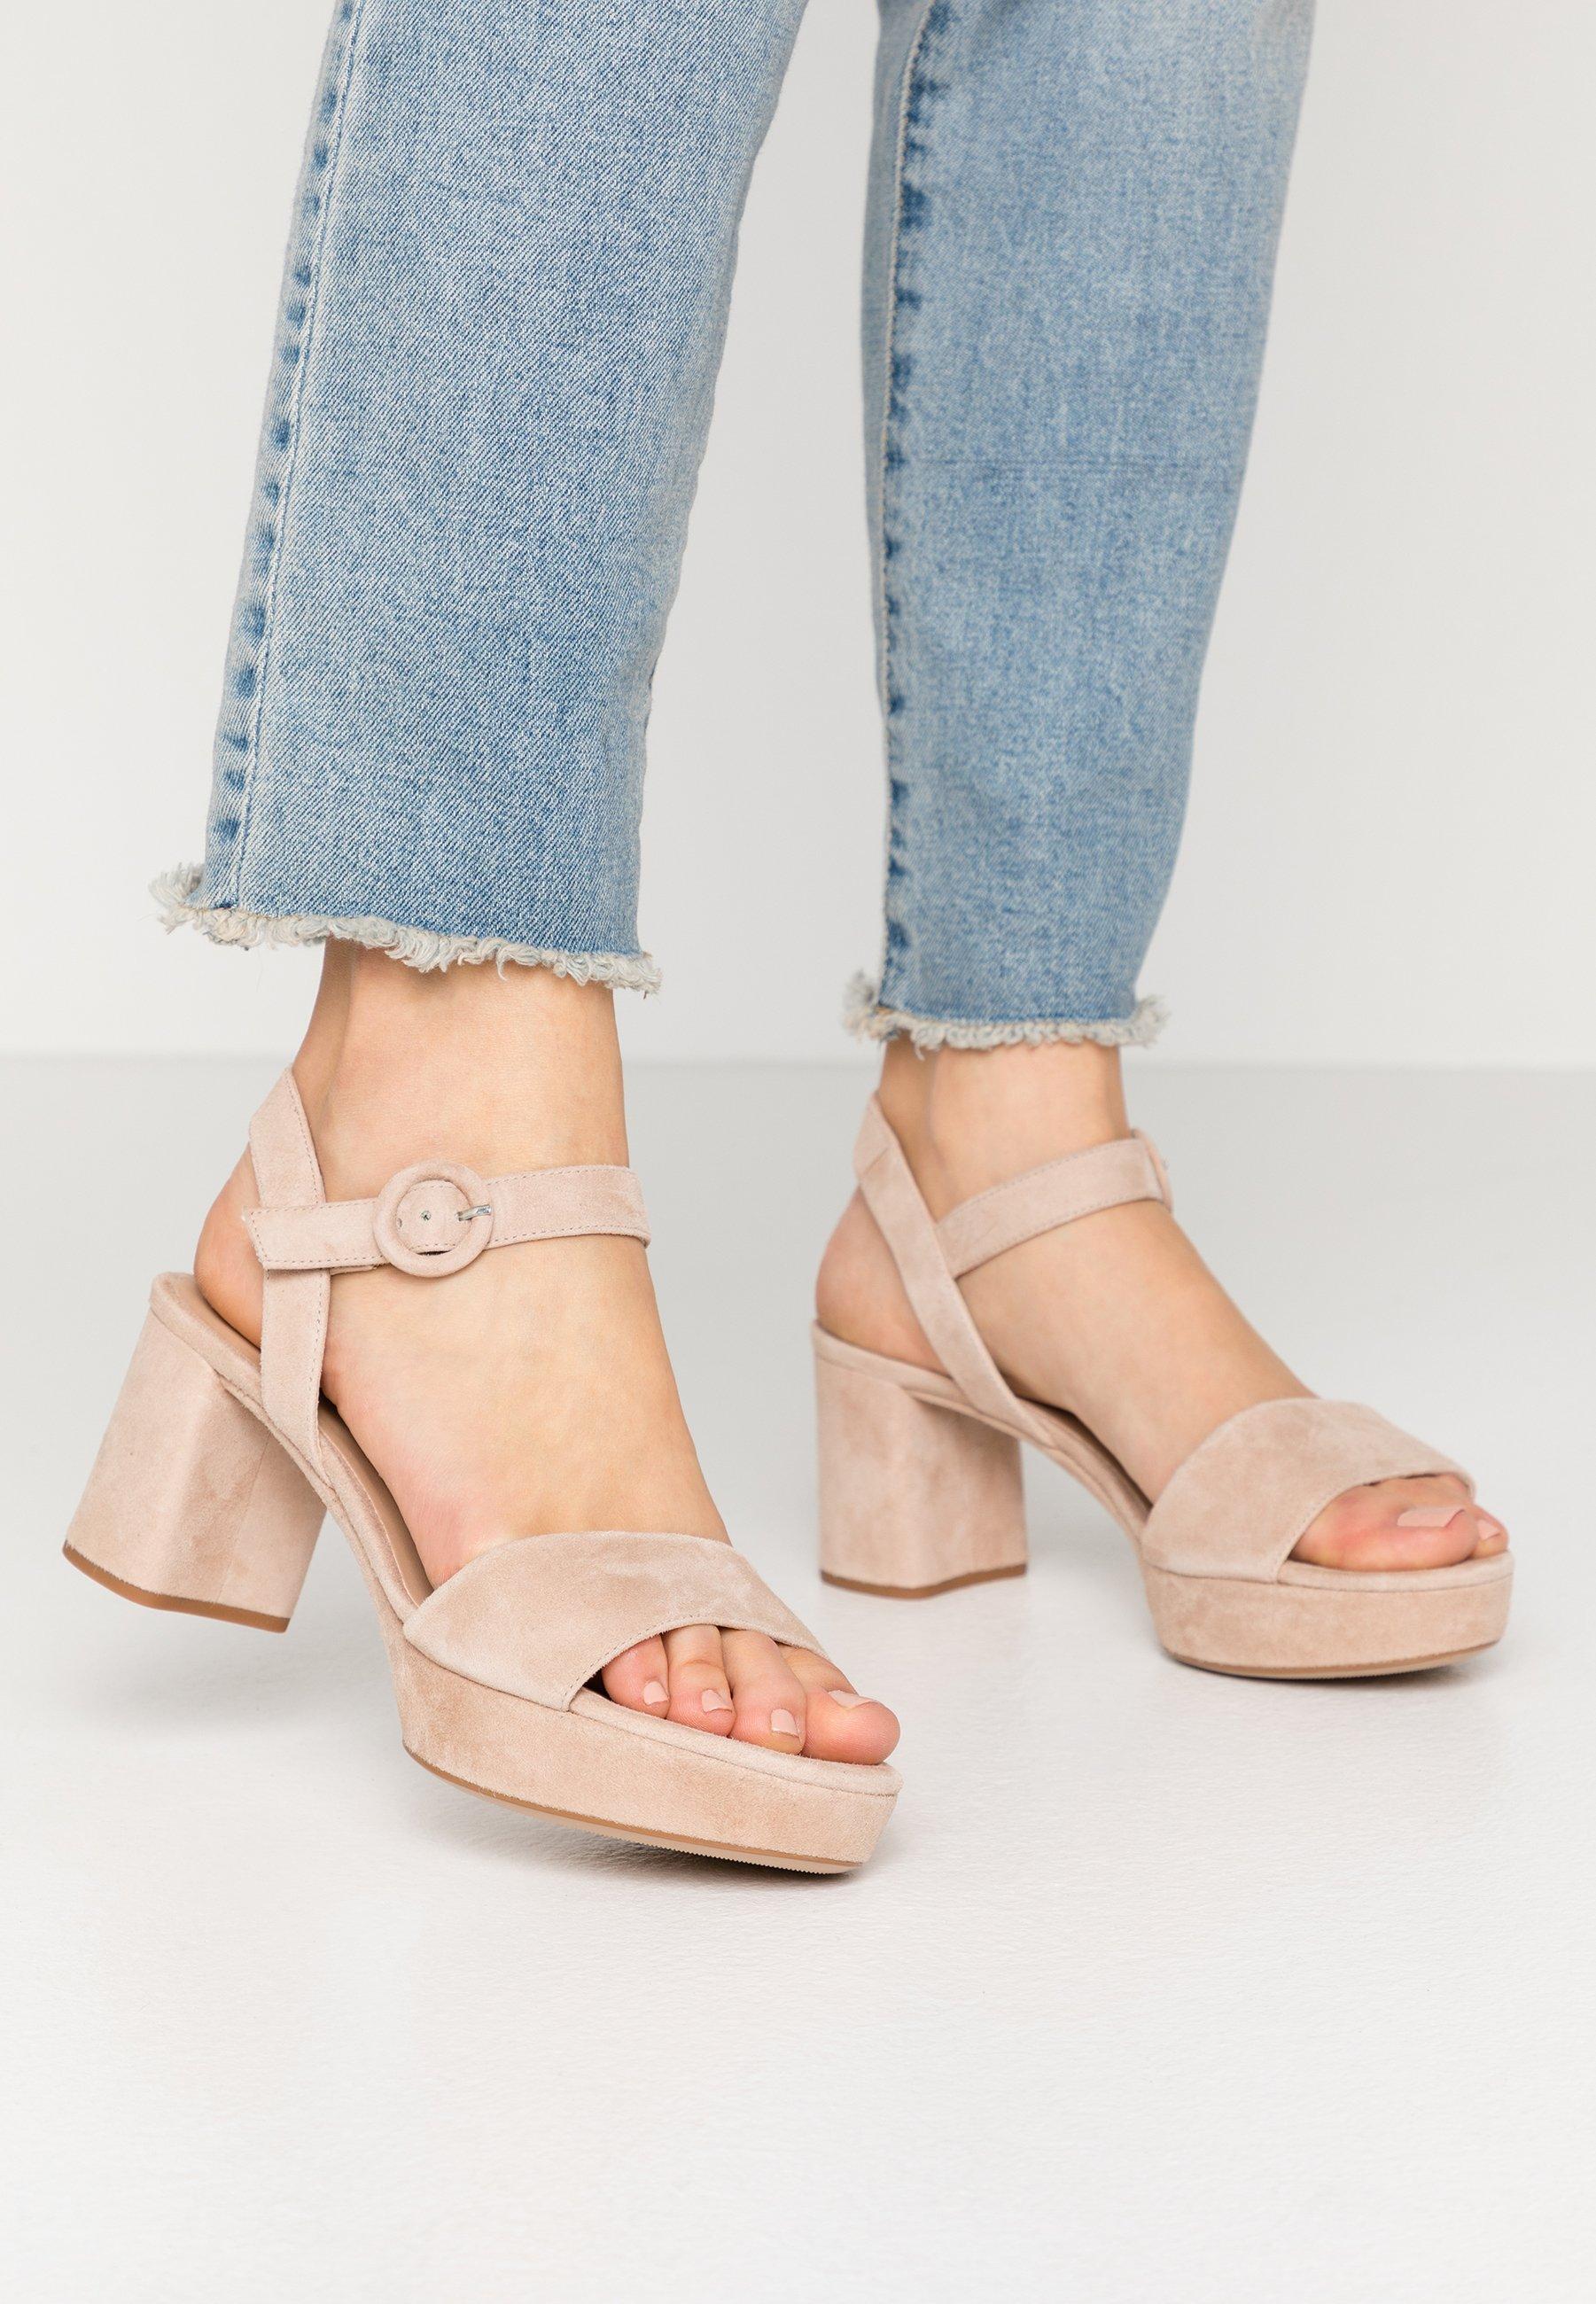 Sandali da donna Unisa | La collezione su Zalando